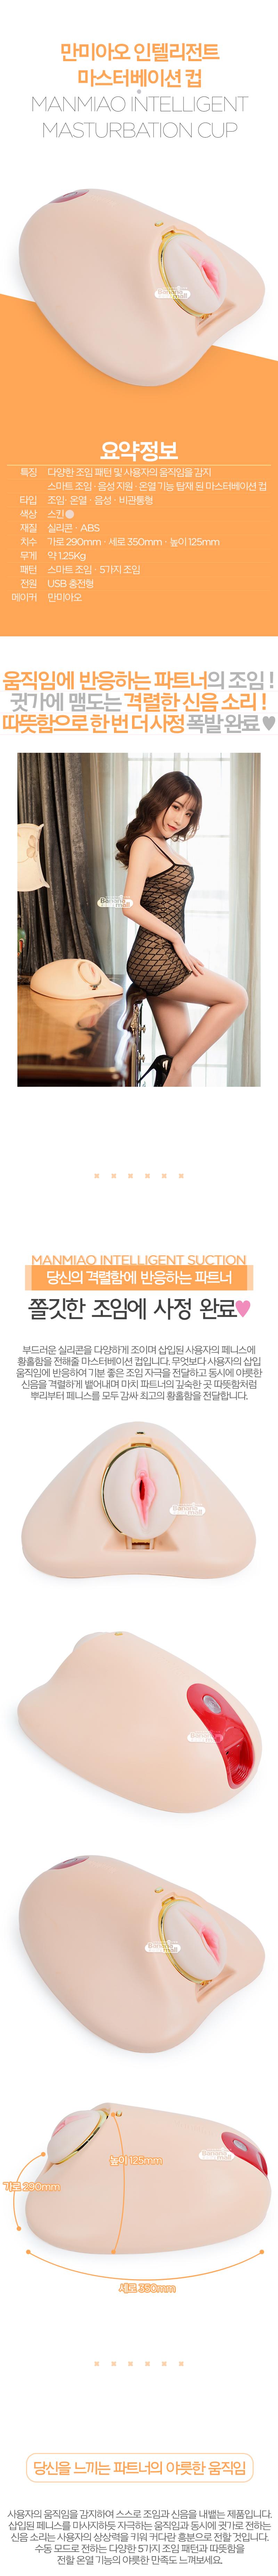 [조임+음성+온열] 만미아오 인텔리전트 마스터베이션 컵(Manmiao Intelligent Masturbation Cup)